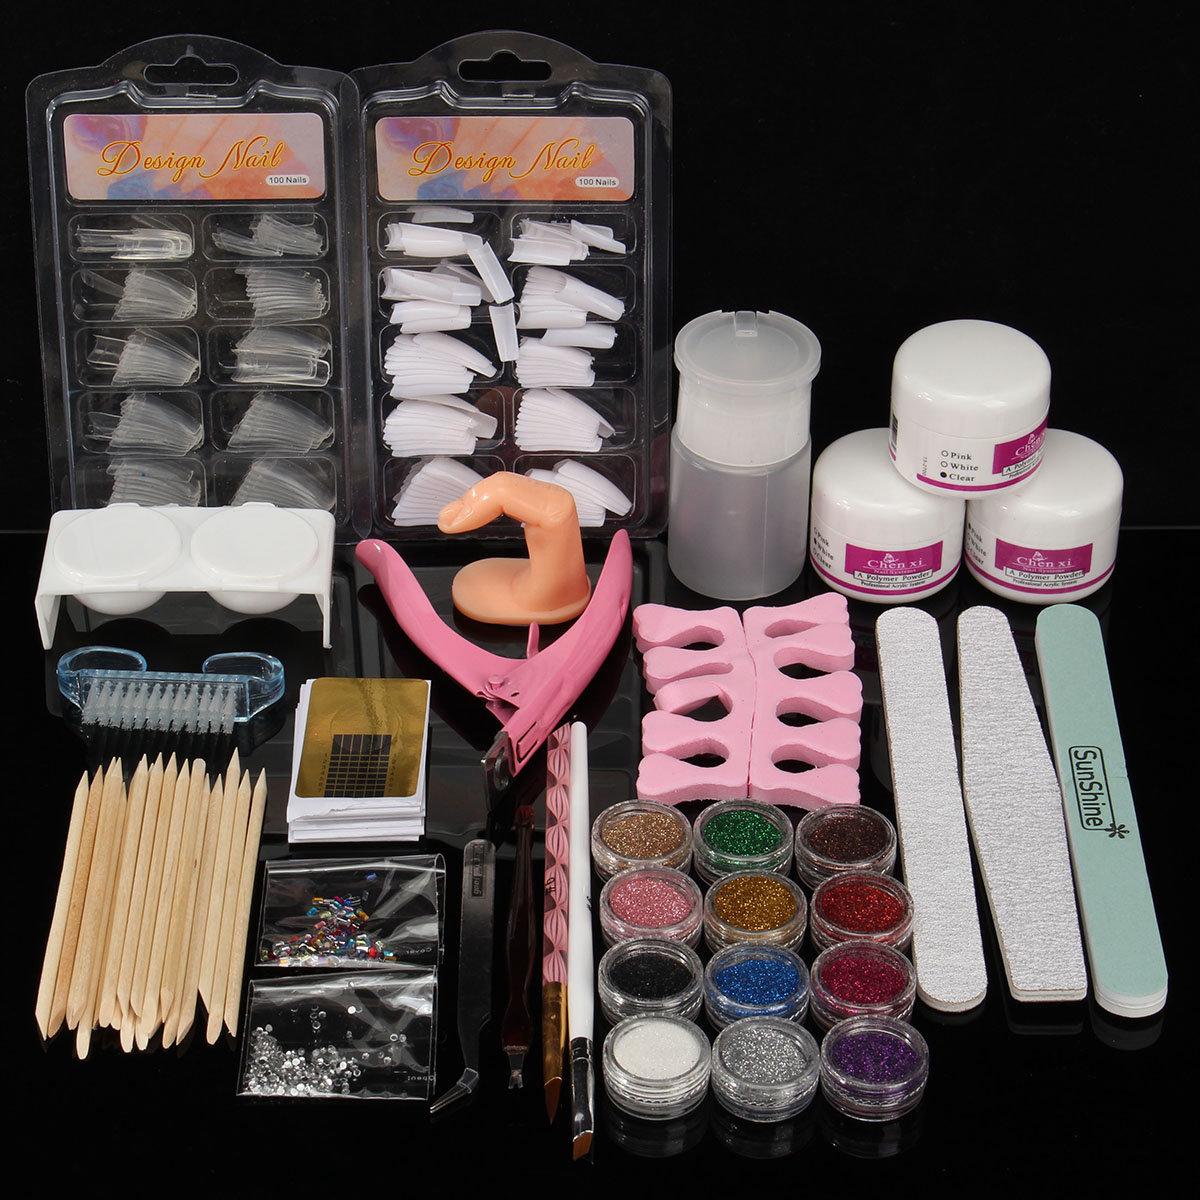 Acrylic Powder Glitter Nail Art Tools Kit Nails Brush False Finger Pump Set